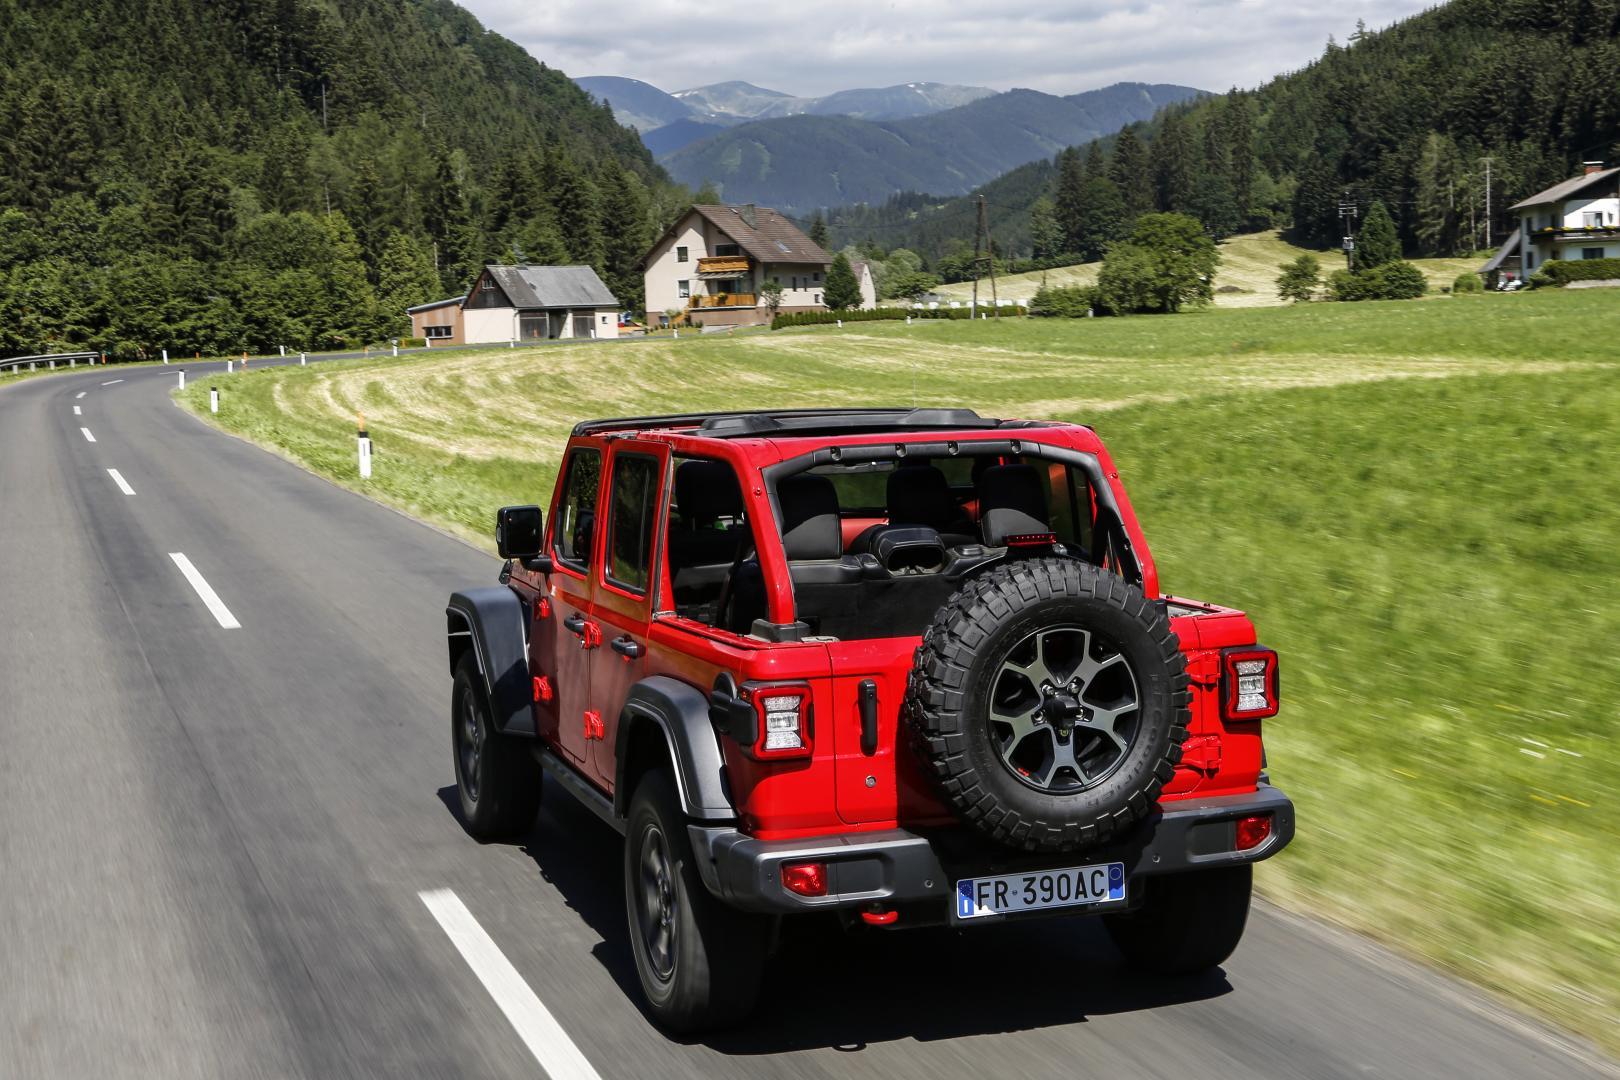 Jeep Wrangler 2.2 MultiJet II Rubicon Softtop 2-deurs